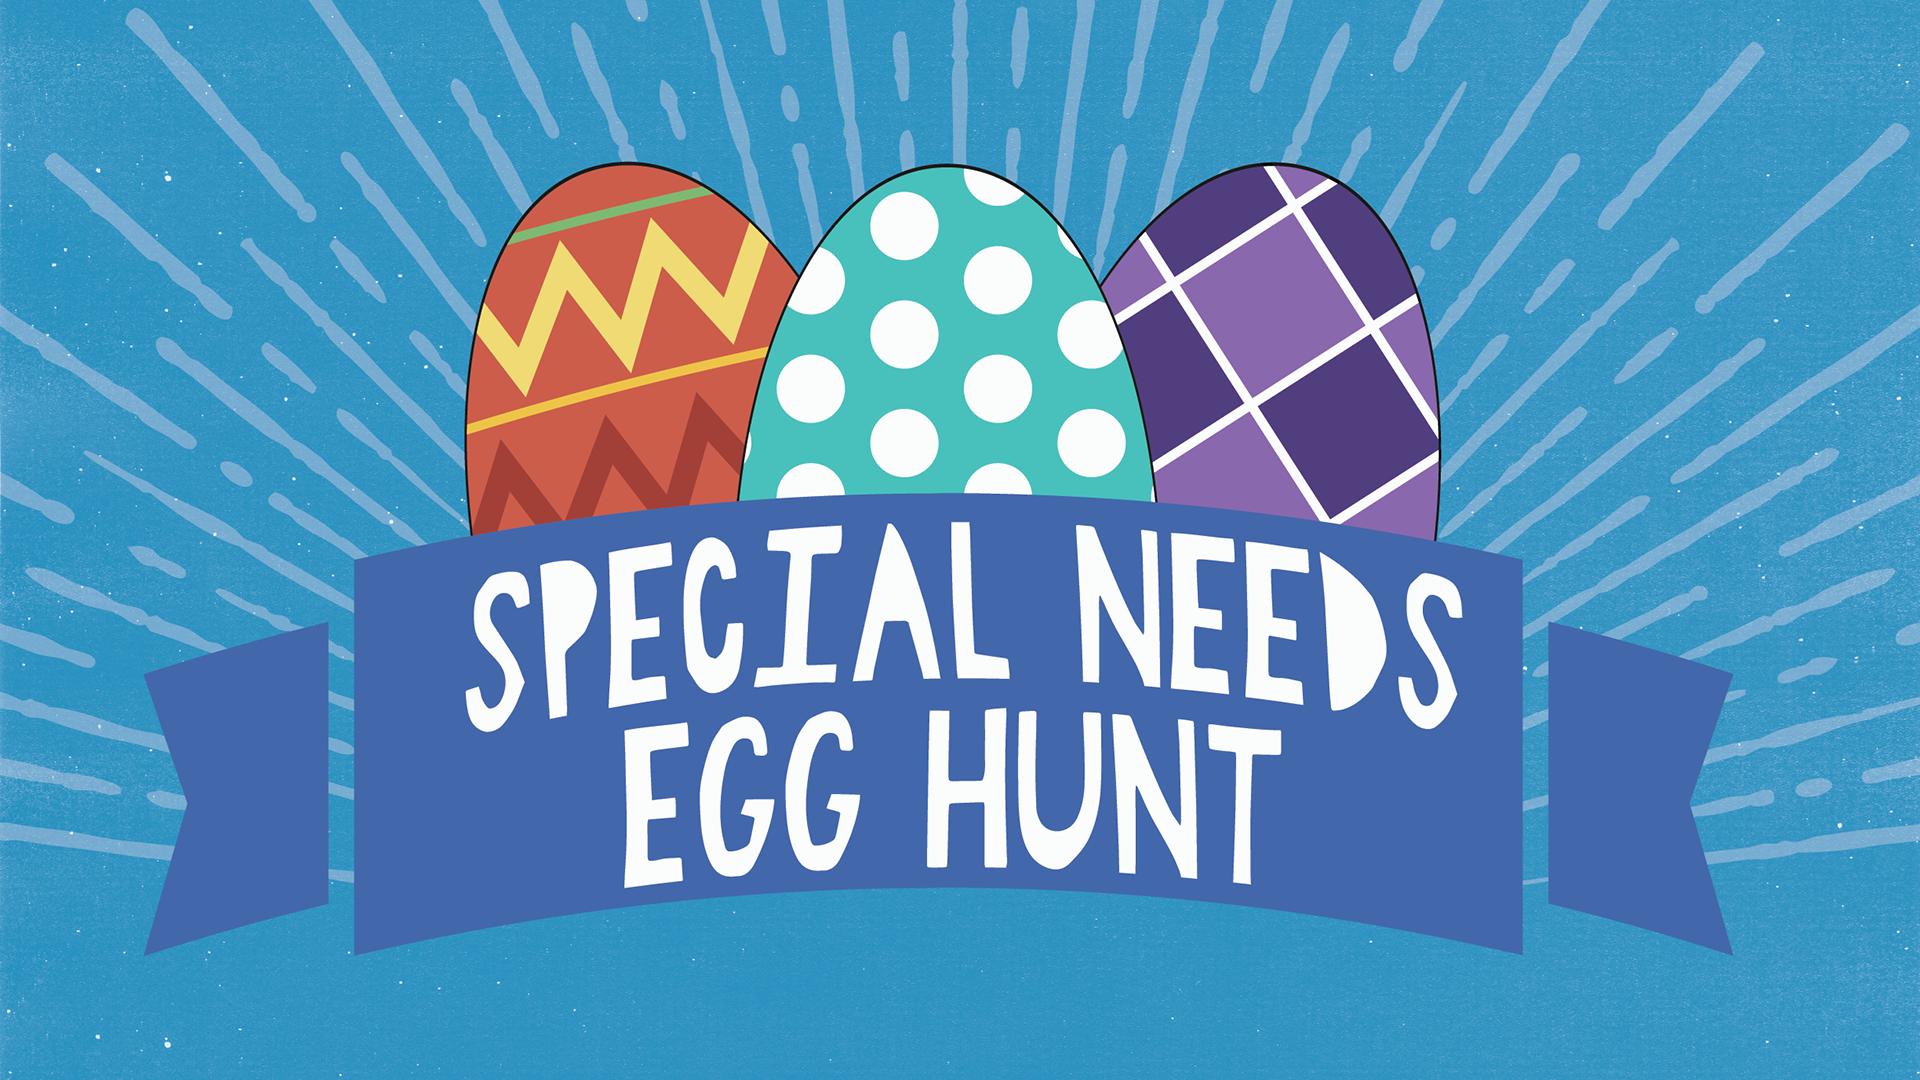 Egg hunt 01